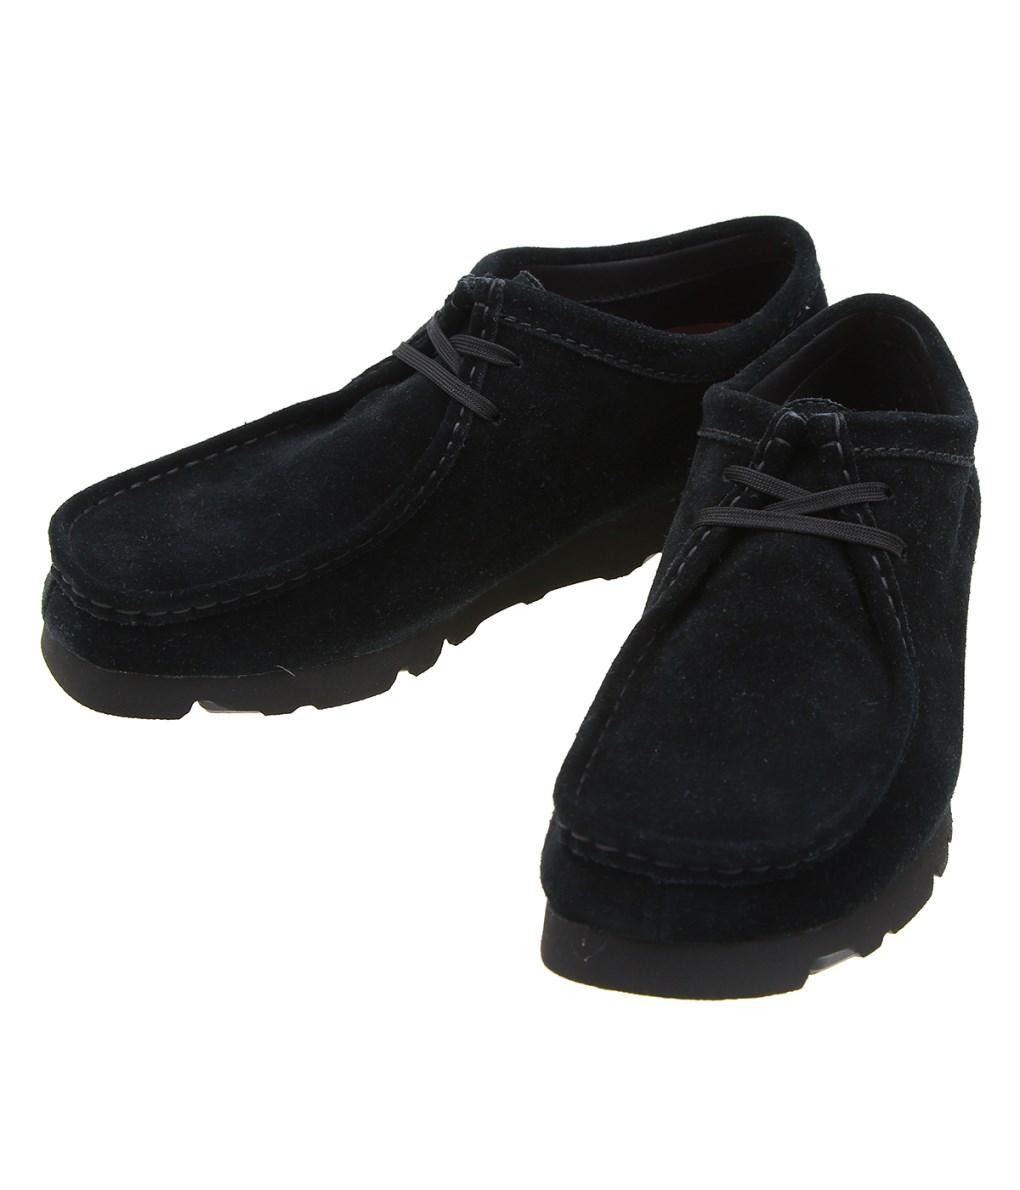 正規取扱 3980円以上で送料無料 感謝価格 昼12時30分までの注文で即日発送 Clarks クラークス : WALLABEE 公式ショップ GTX 26149449 メンズ STD ワラビーブーツ ゴアテックス 靴 Gore-tex